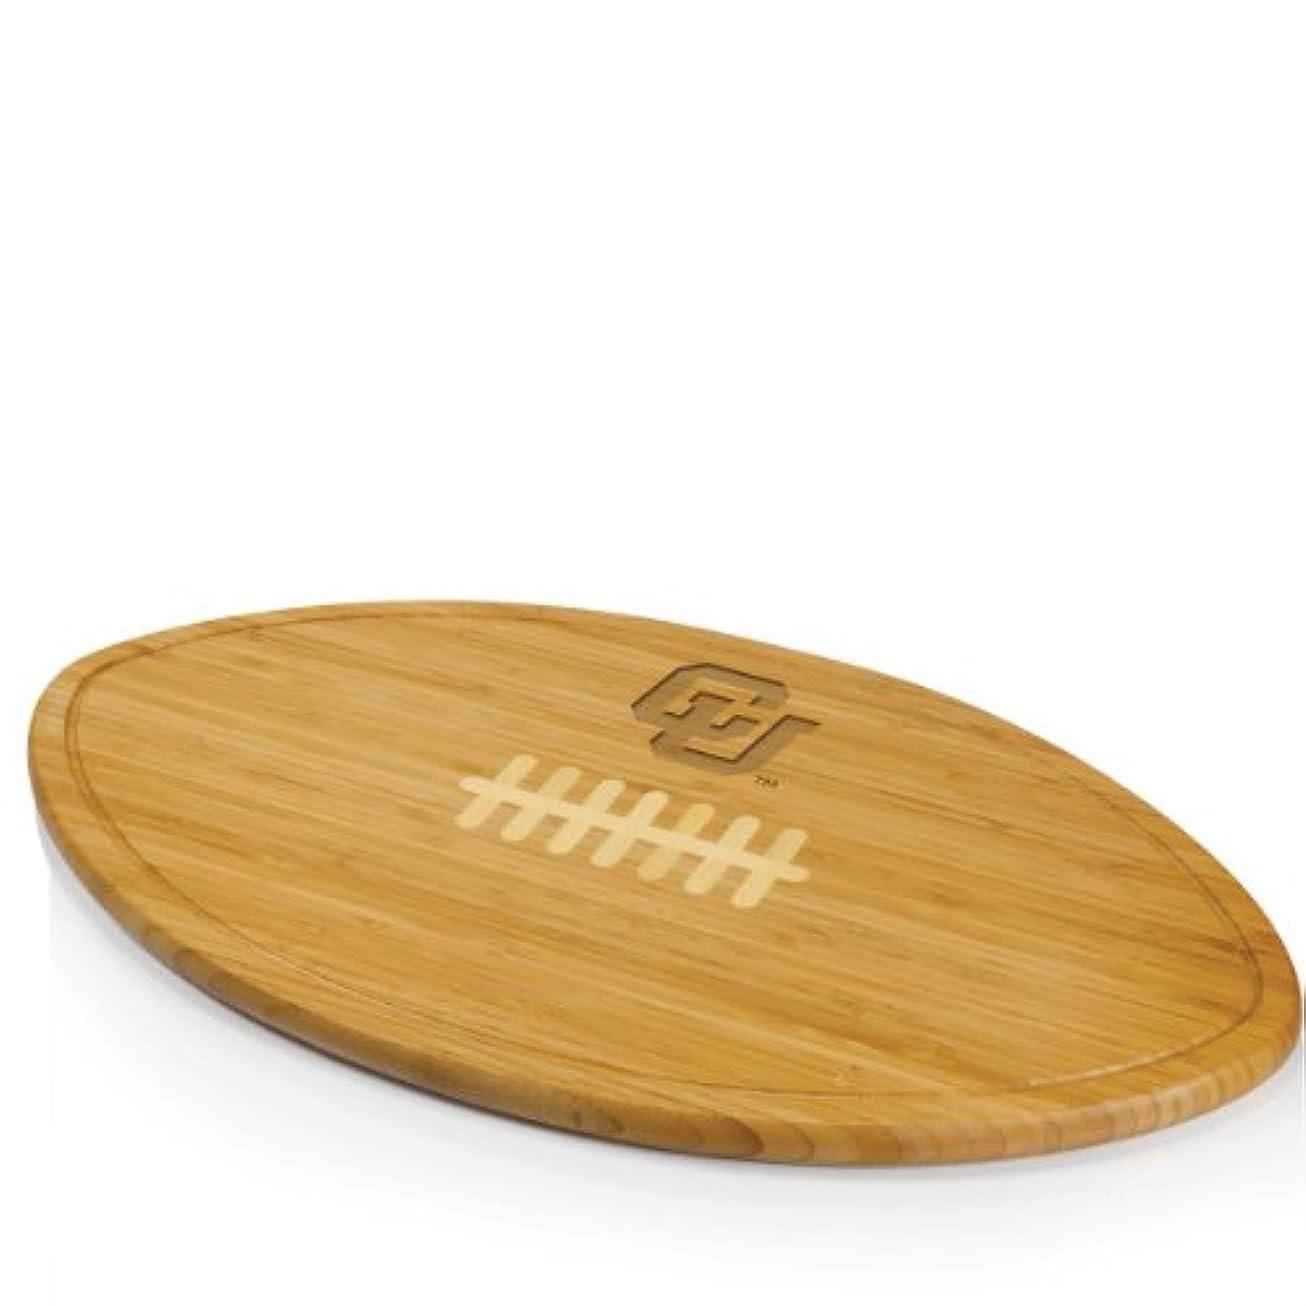 病弱項目征服者NCAA Colorado Buffaloes Kickoff Cheese Board